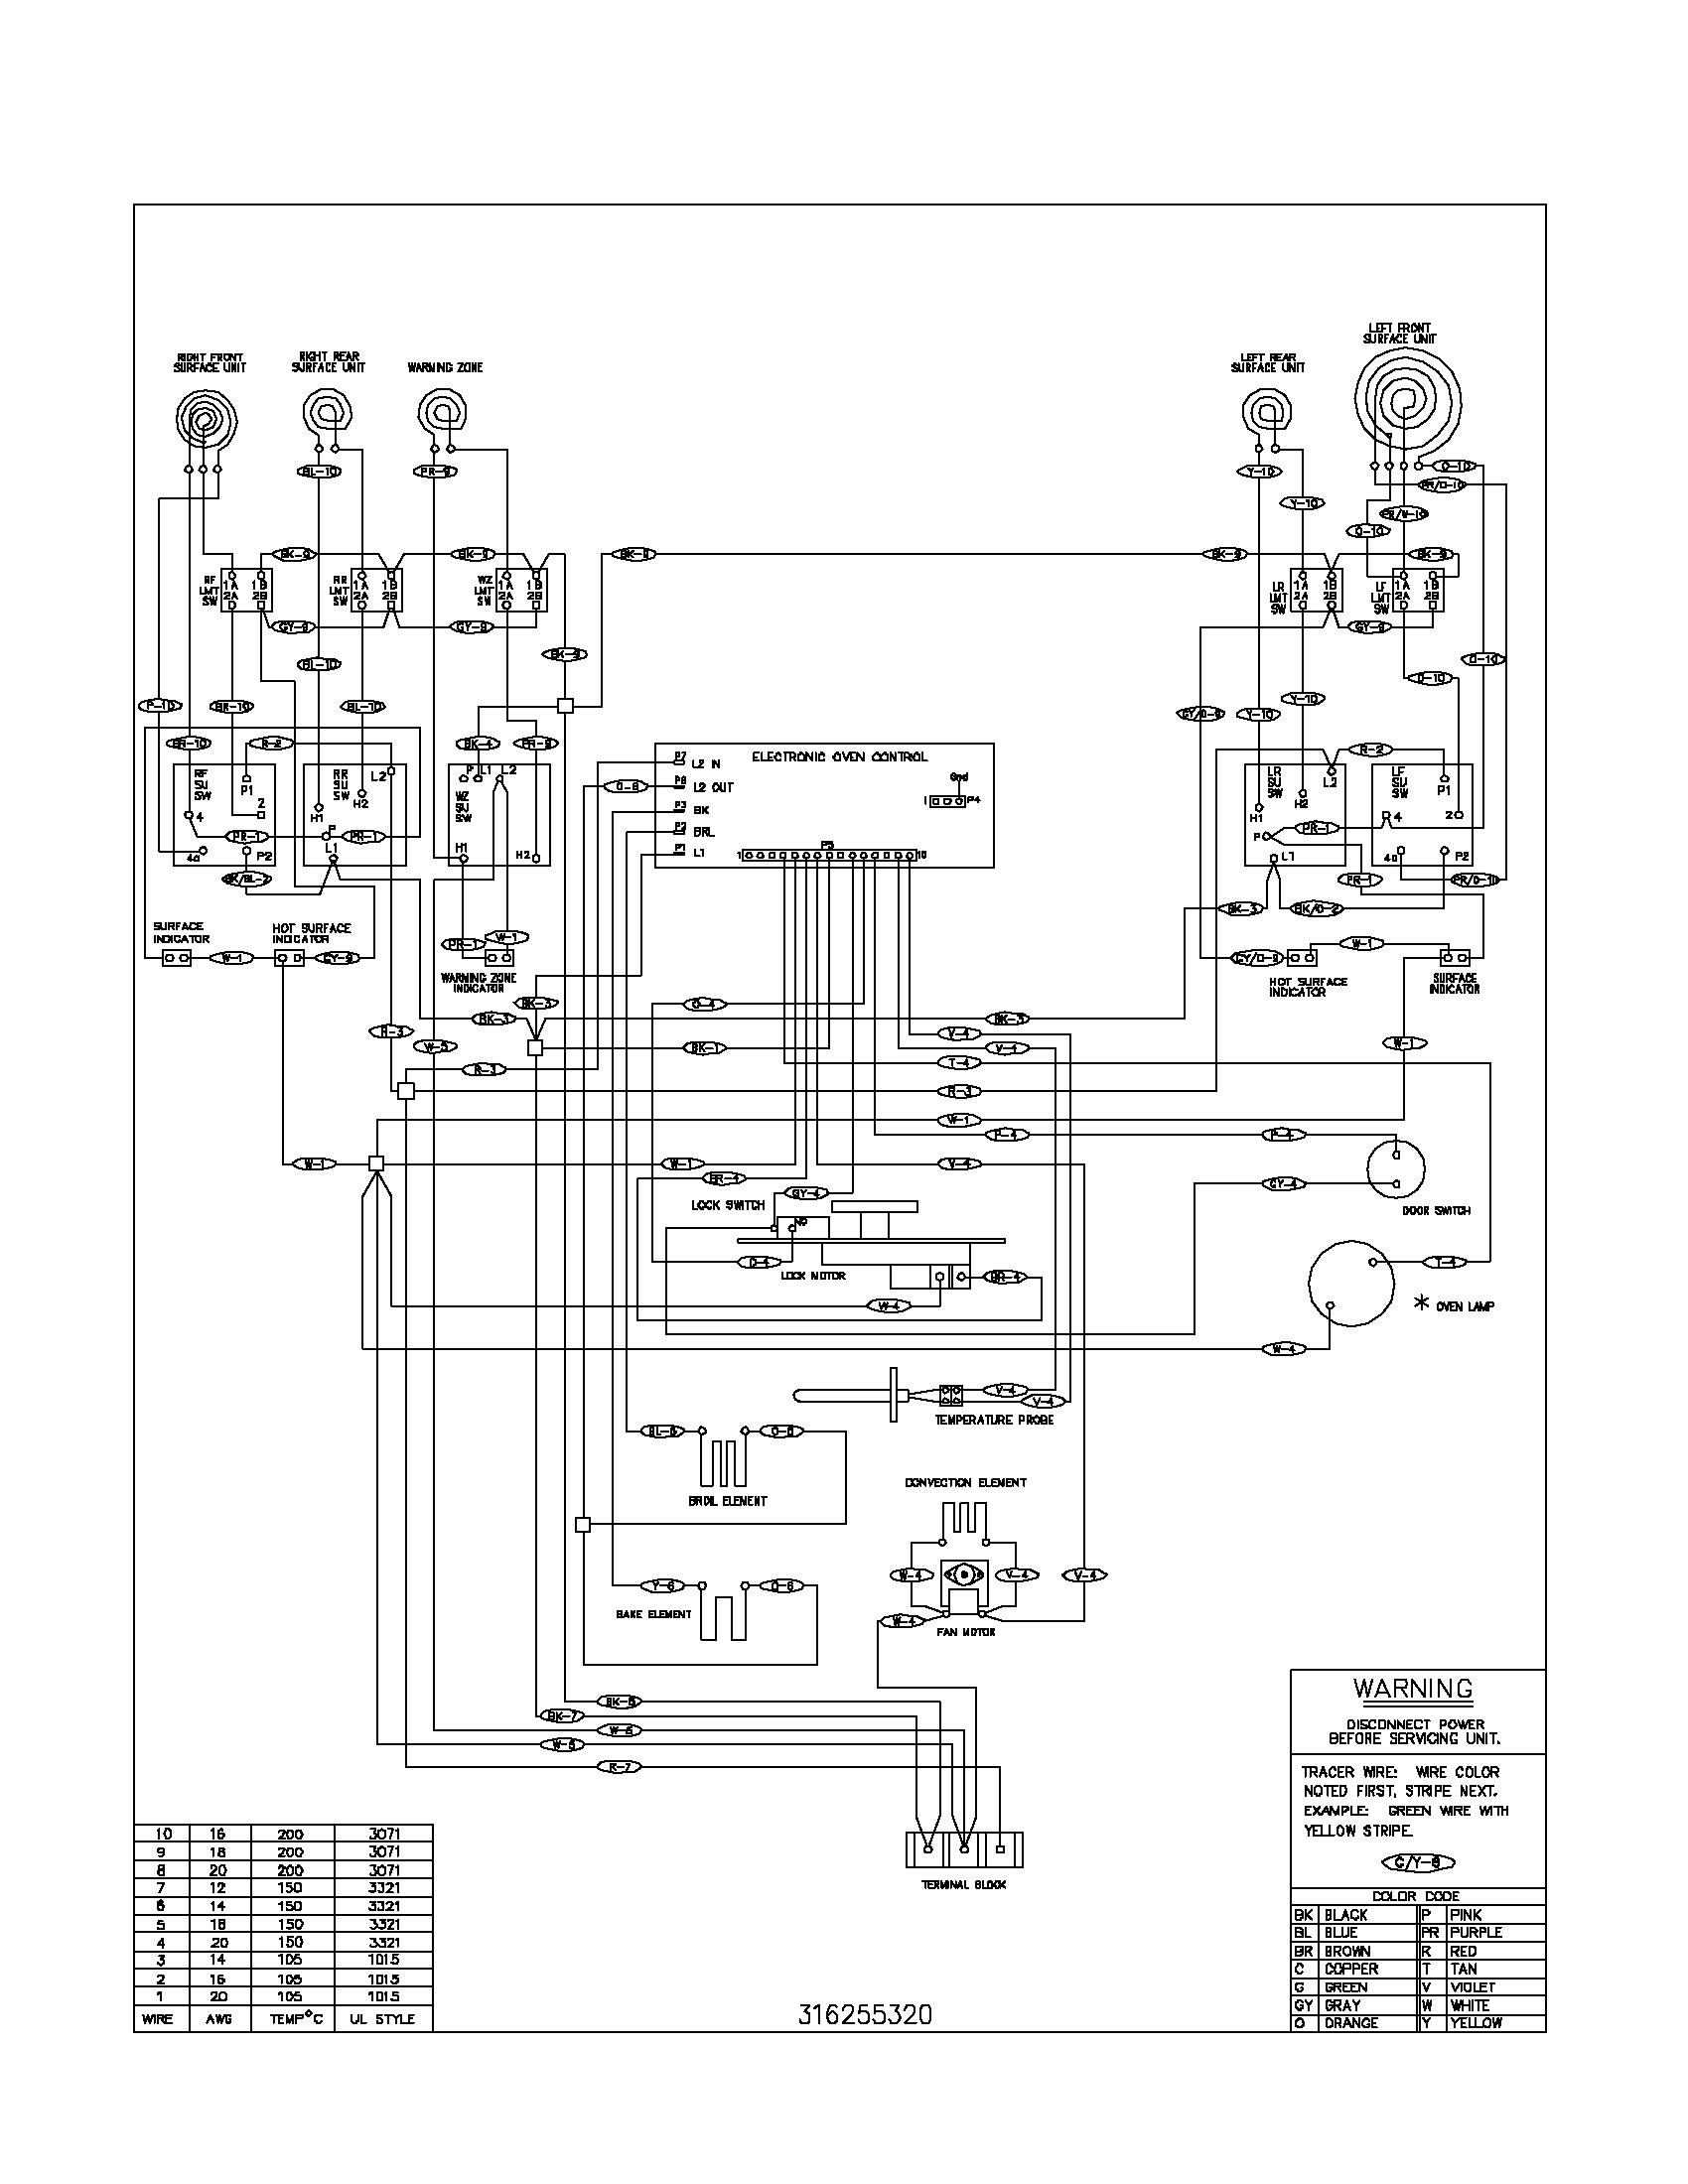 1980 moto-ski wiring-diagram, 2007 outlander wiring-diagram, simplicity wiring-diagram, audi wiring-diagram, suzuki wiring-diagram, big dog wiring-diagram, skandic wiring-diagram, kawasaki wiring-diagram, mercedes-benz wiring-diagram, murray wiring-diagram, on 02 ski doo wiring diagram